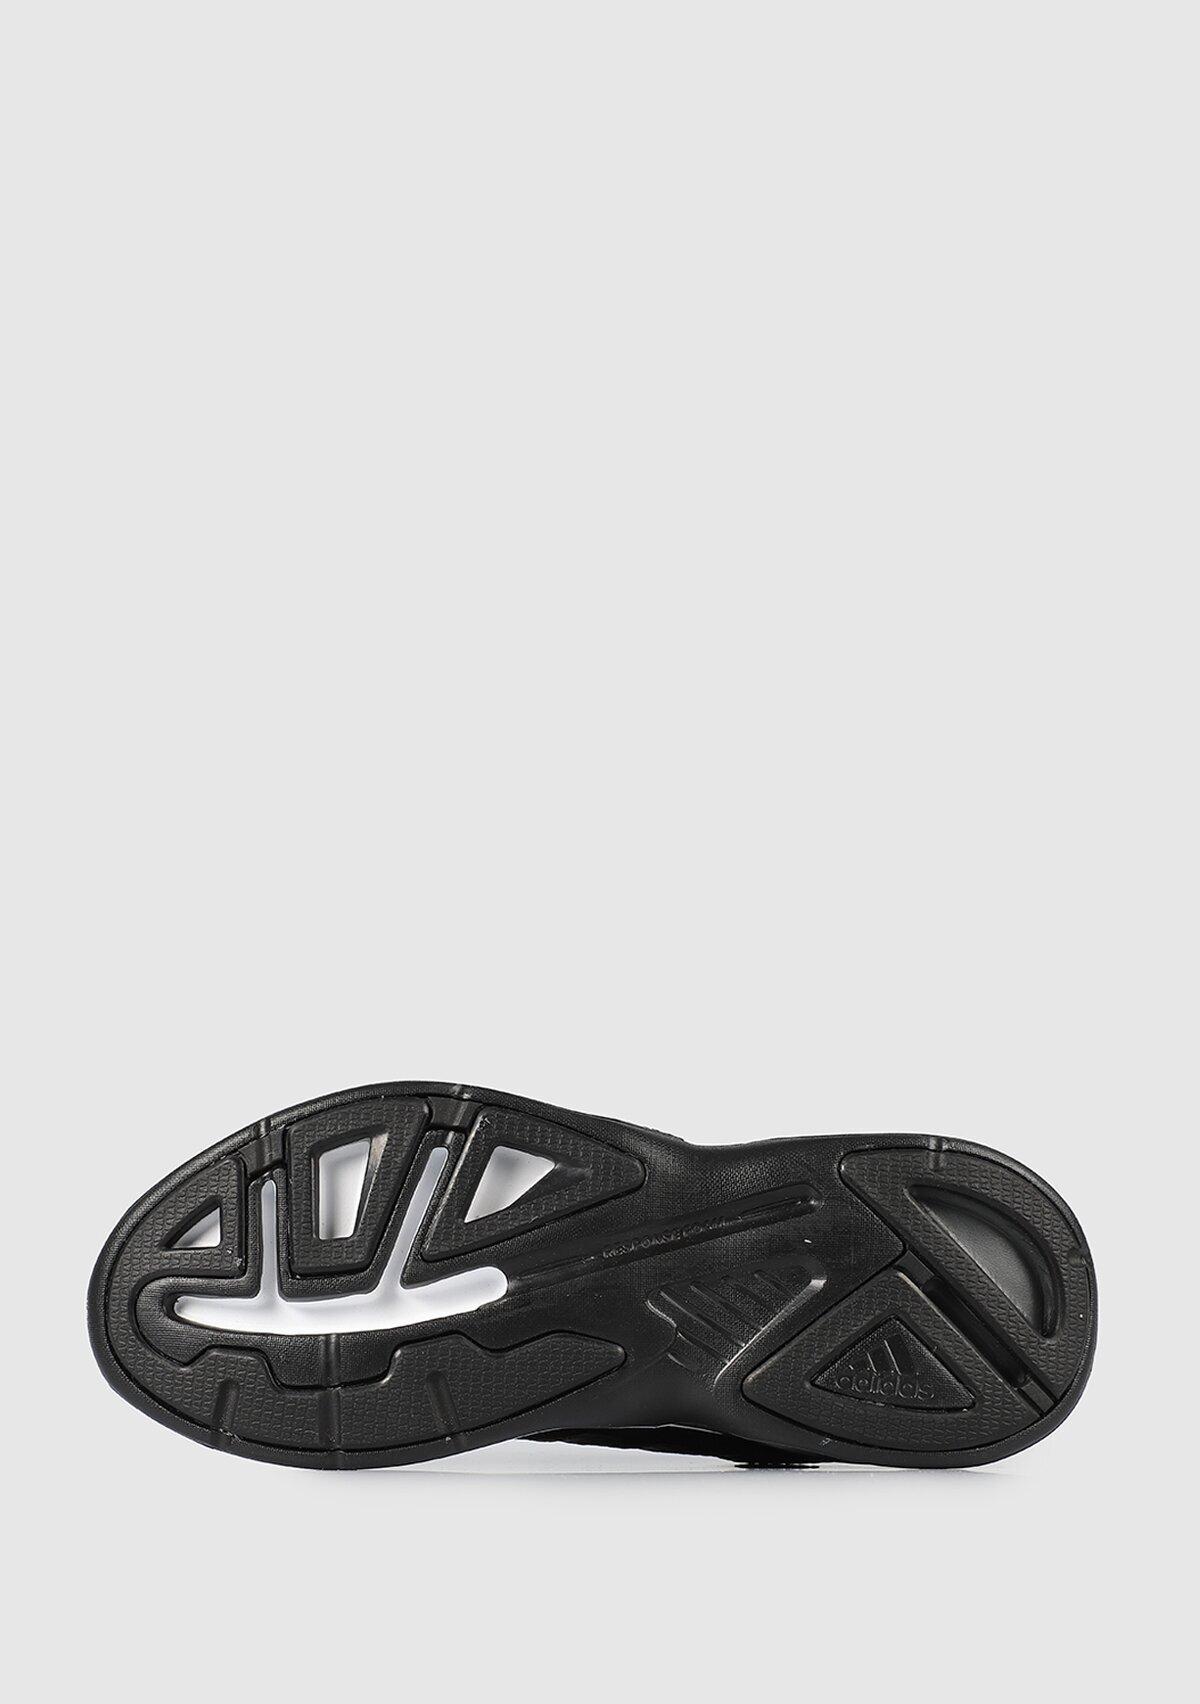 resm Response Sr Siyah Kadın Spor Ayakkabısı Fx3642